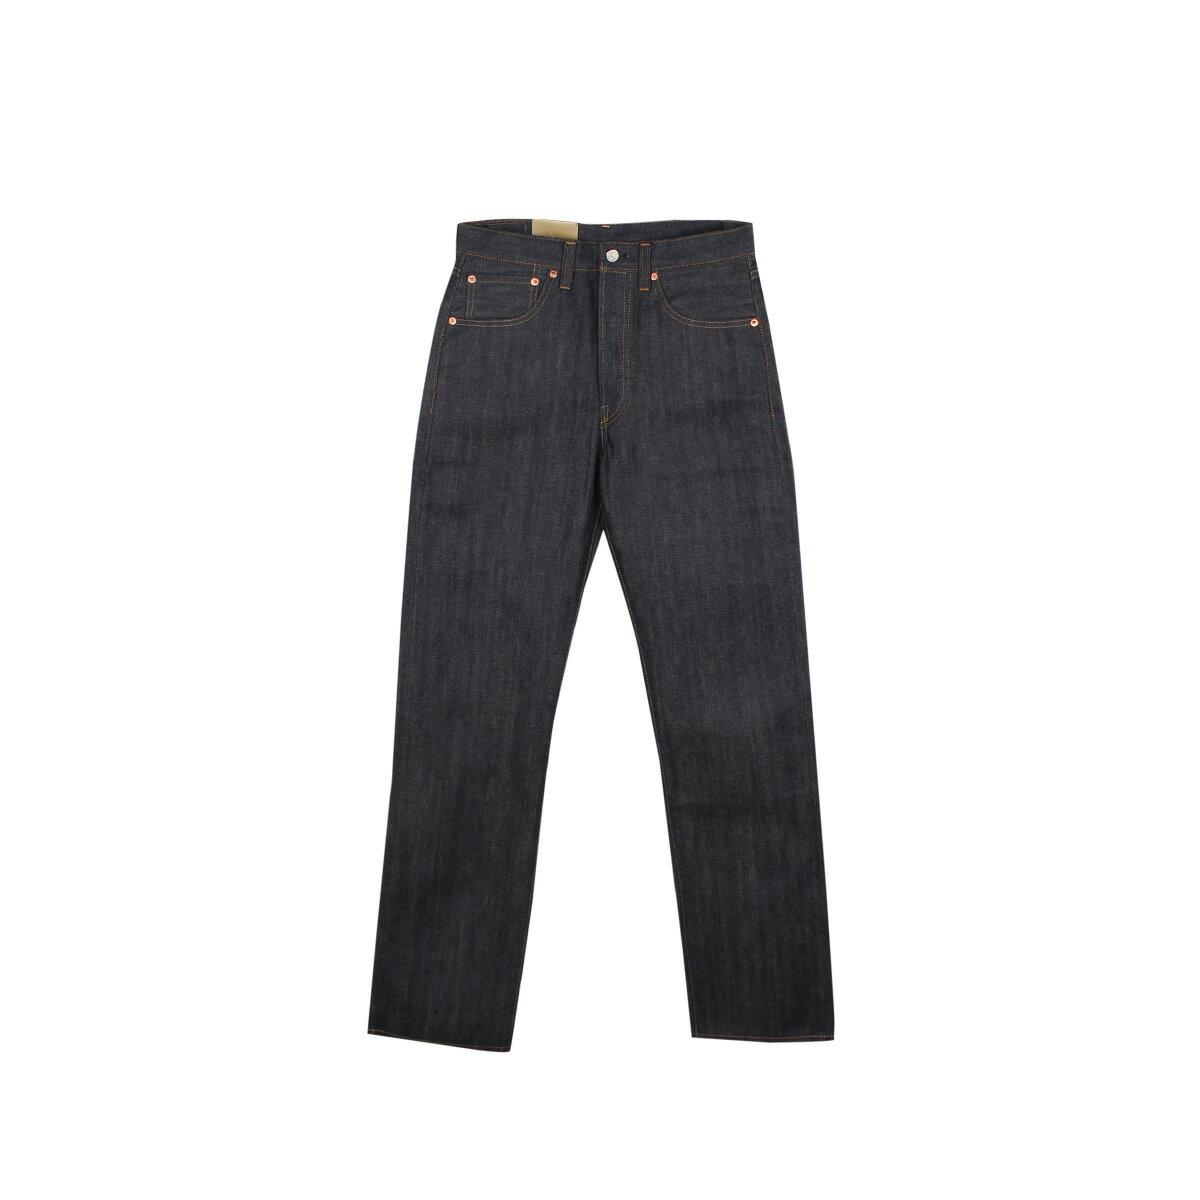 メンズファッション, ズボン・パンツ 1000OFF LEVIS VINTAGE CLOTHING 1947S 501XX JEANS 501 LVC 47501-0200